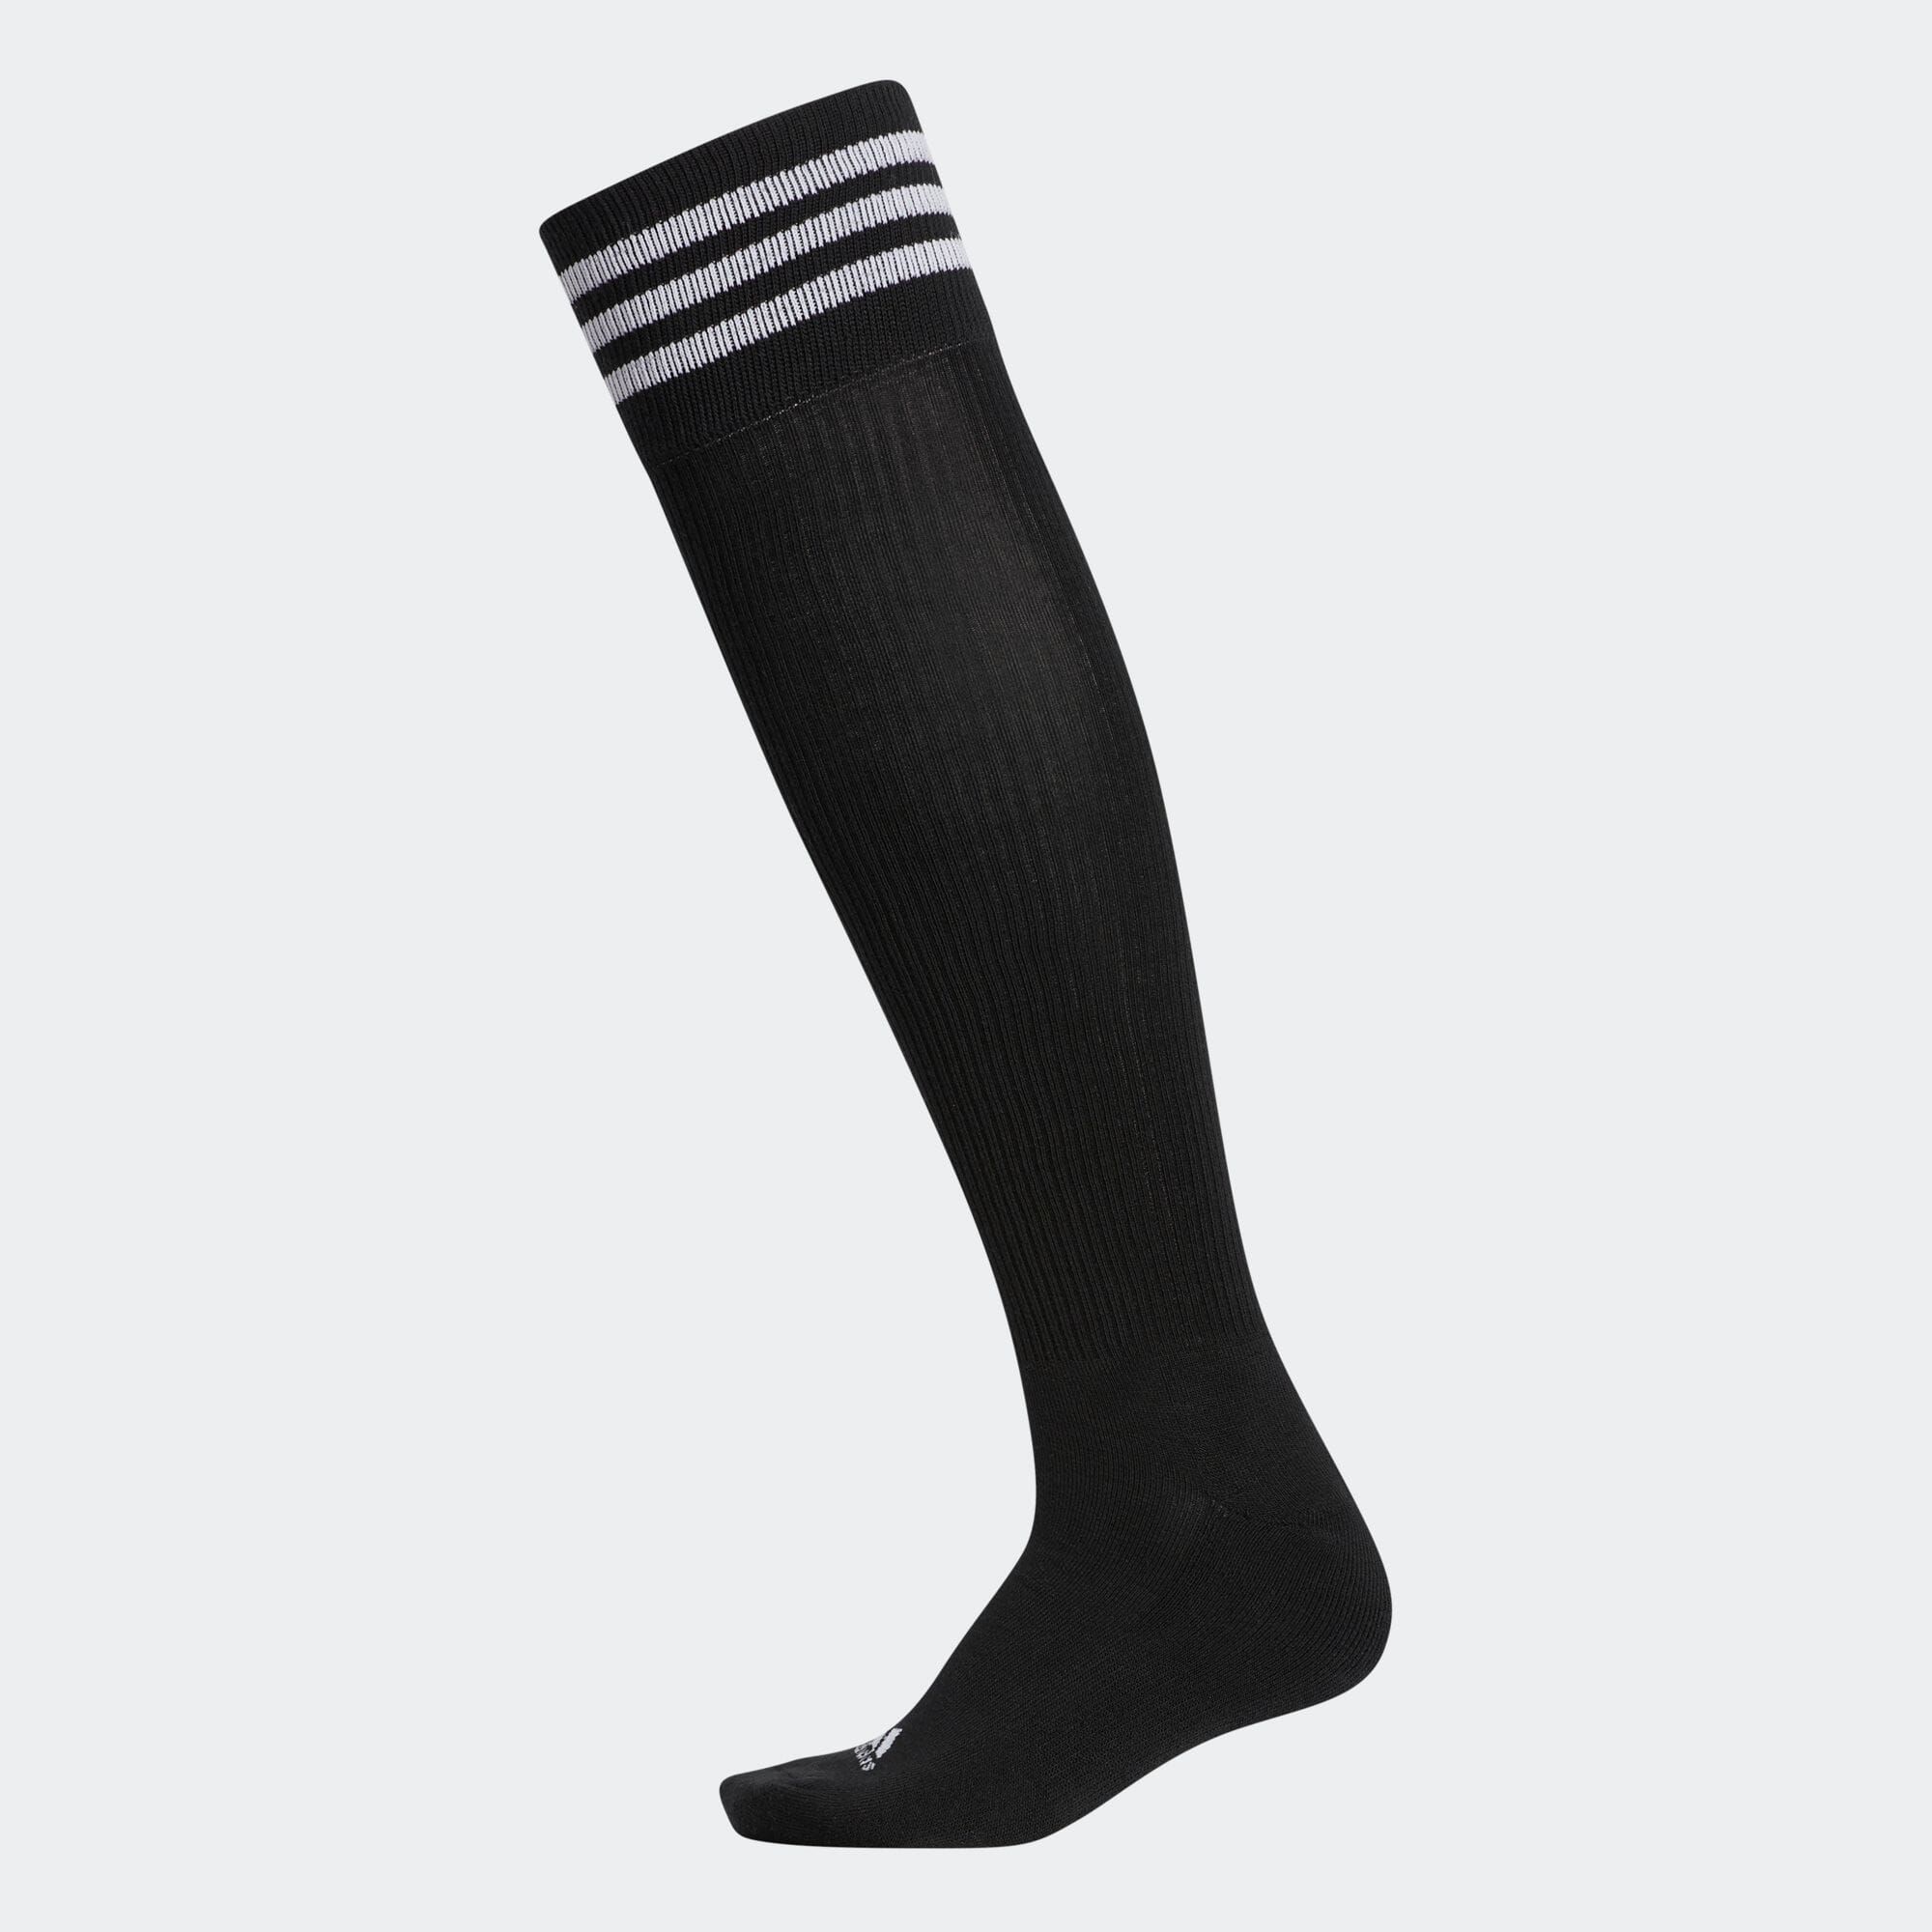 ウィメンズ ニーハイソックス 【ゴルフ】 / STY Knee-High Socks